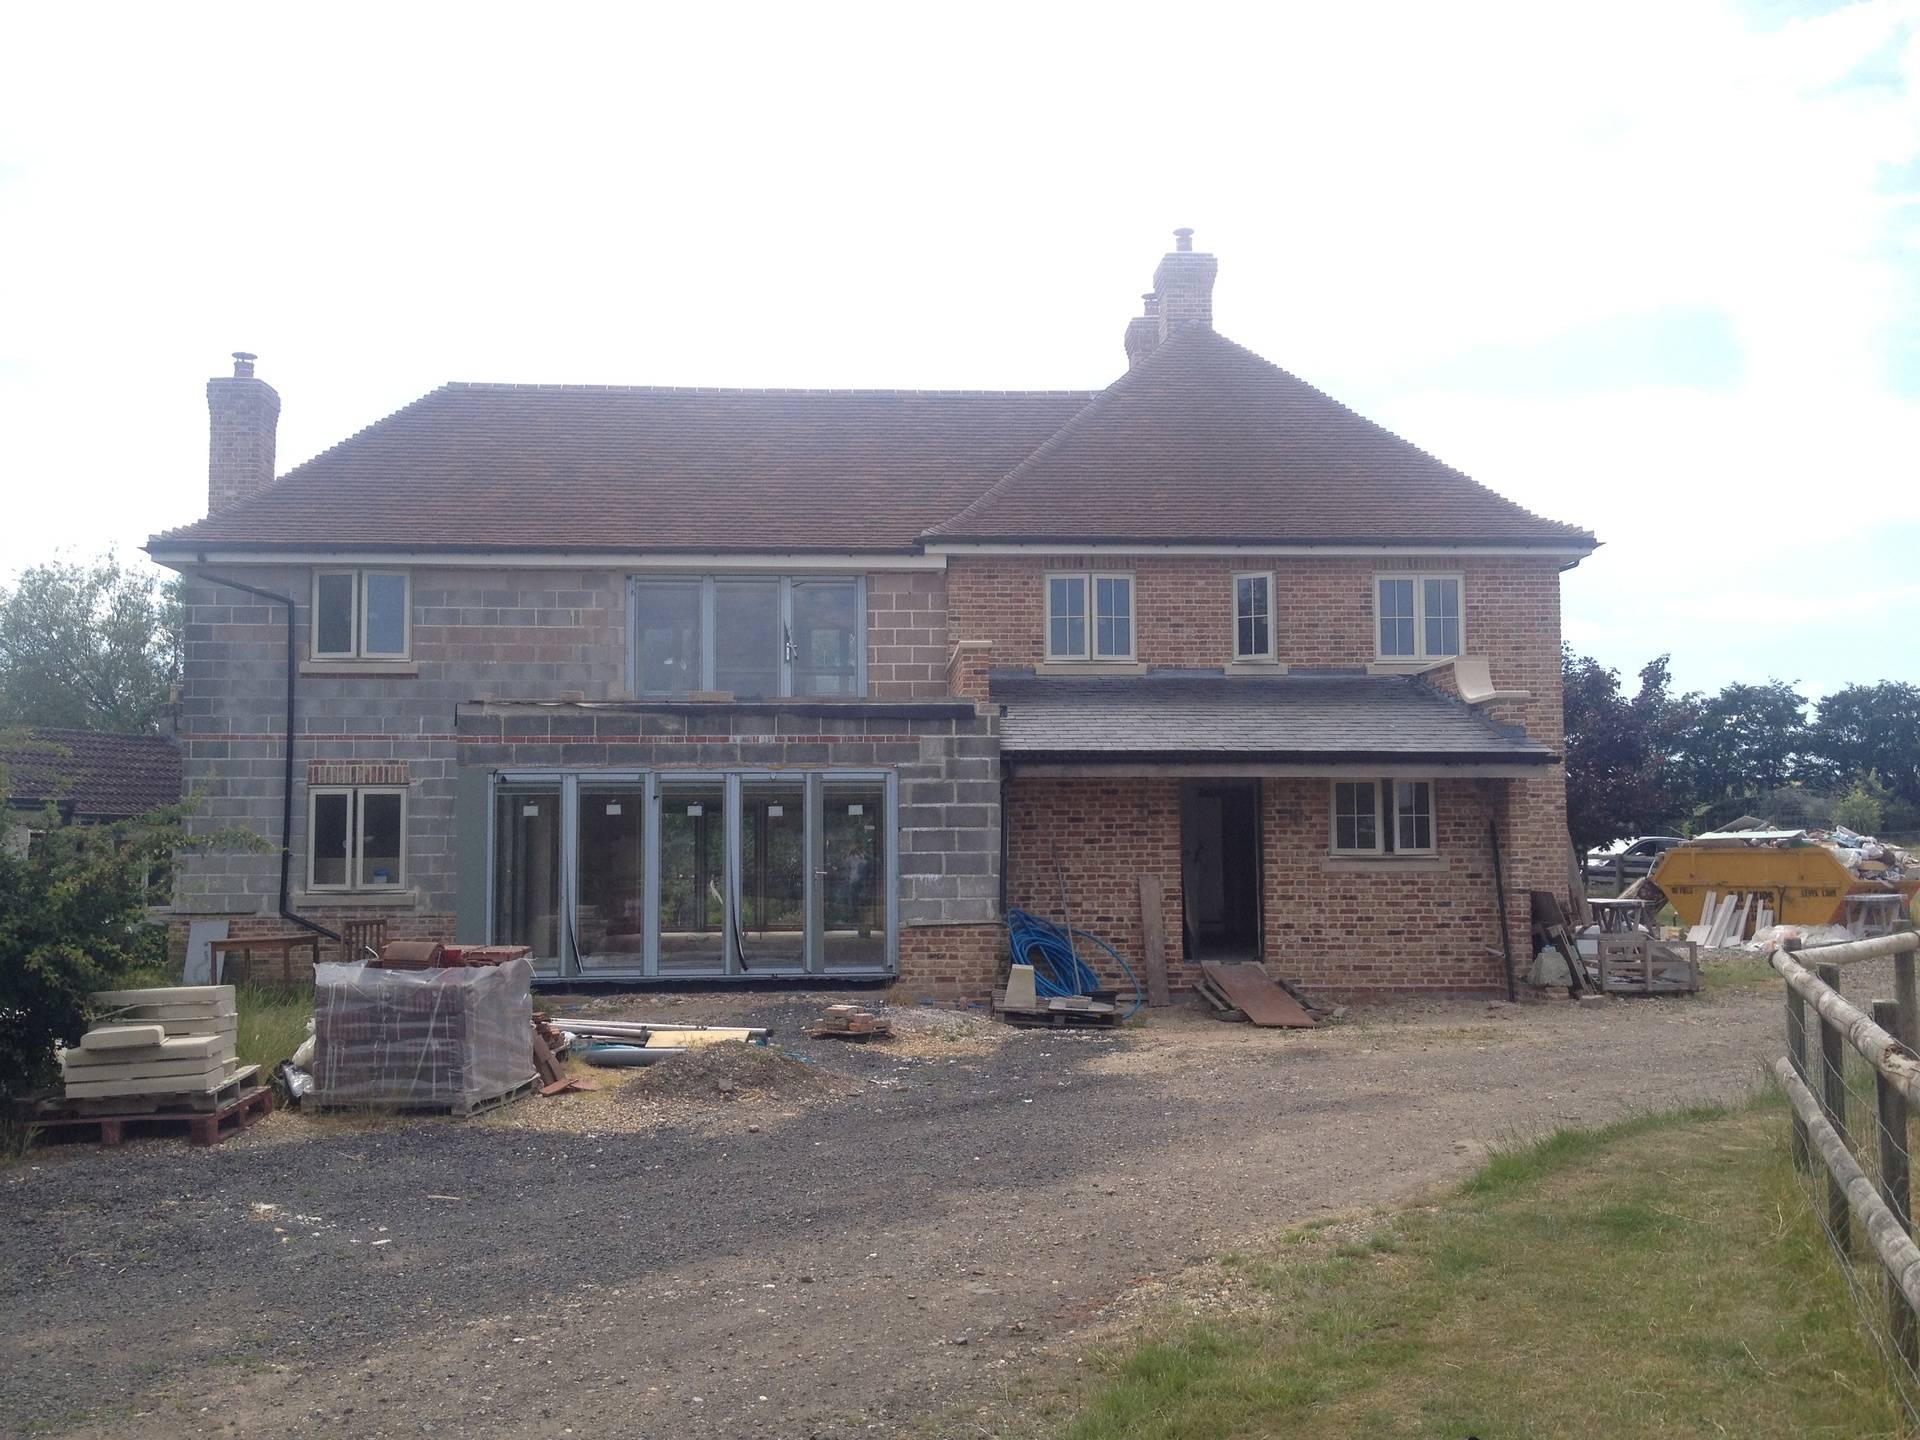 New build in Berwick St James, Wiltshire 2015